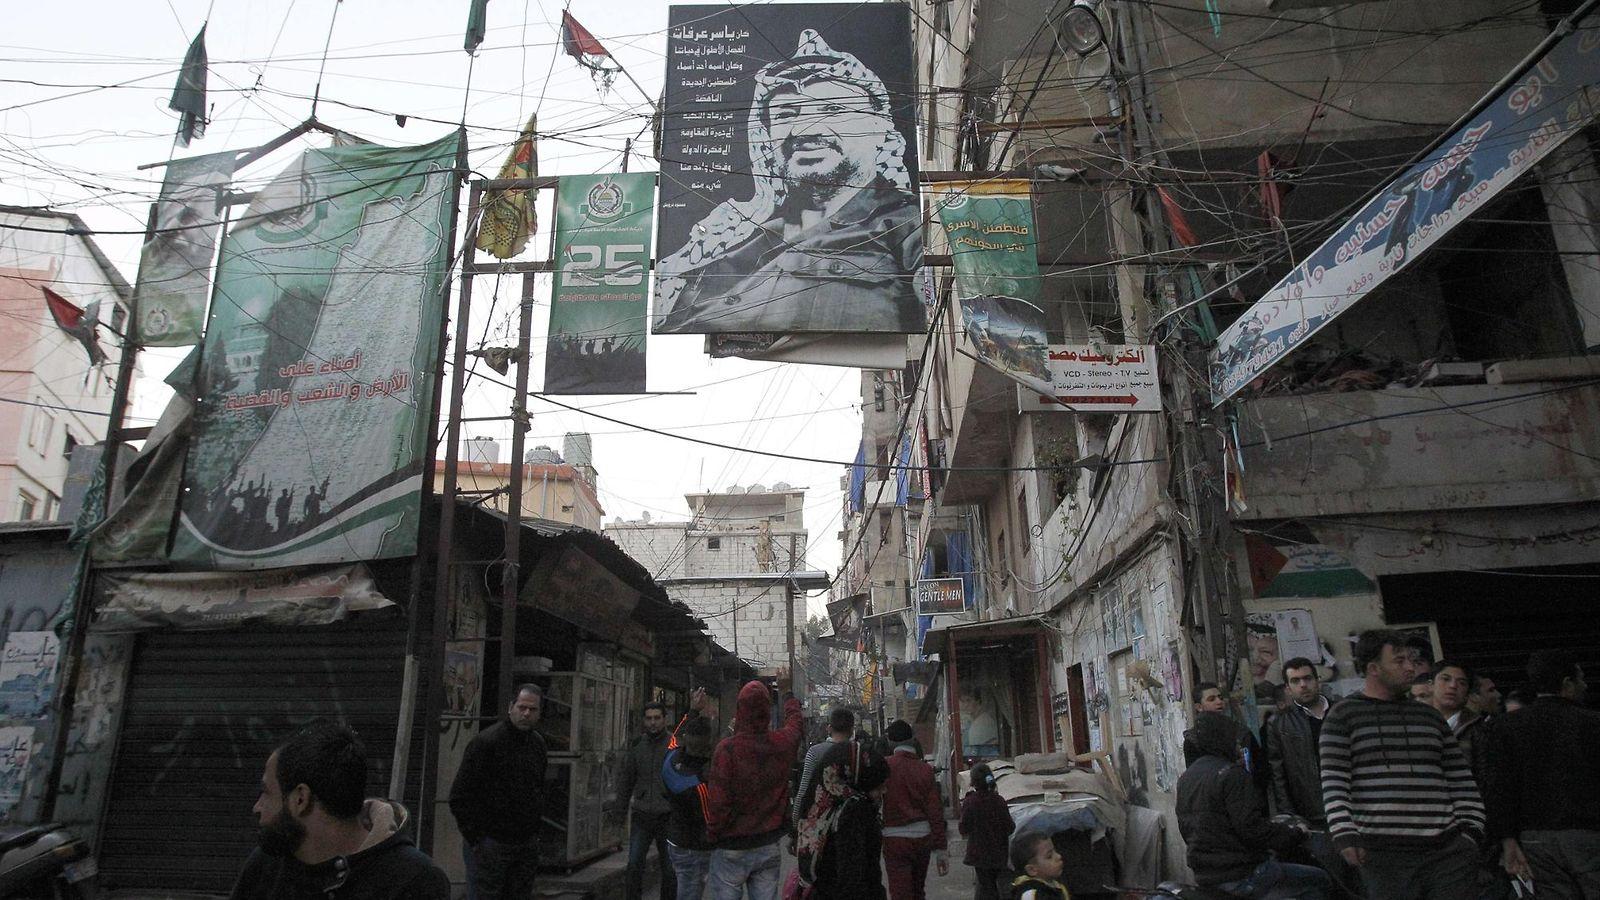 Syyrian sota täyttää Libanonin palestiinalaisleirejä entisestään - Ulkomaat - Uutiset - MTV.fi